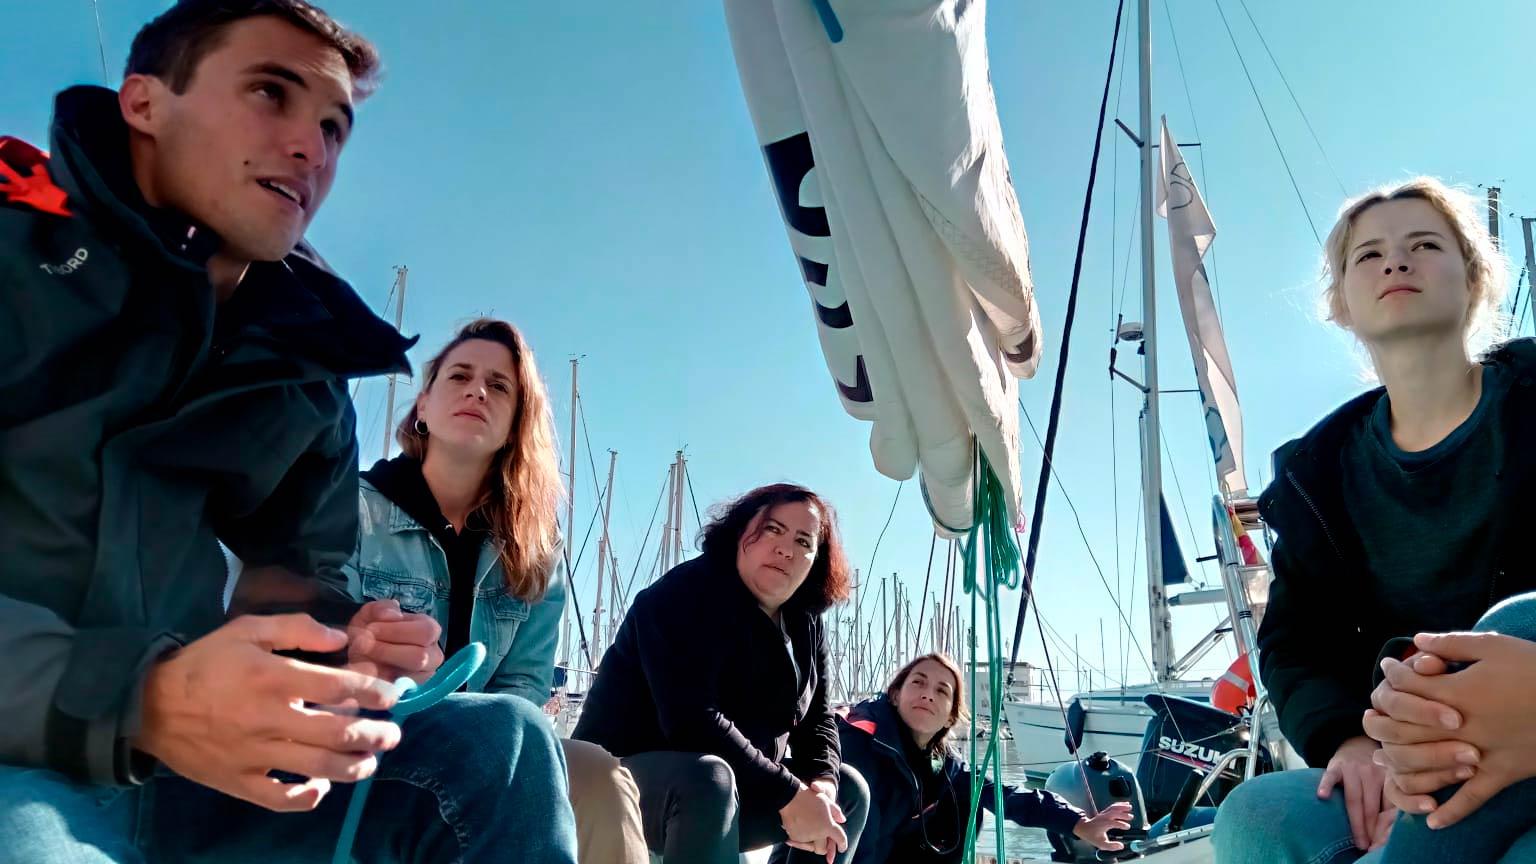 Opinión del curso de navegación a vela básico (por Lili)